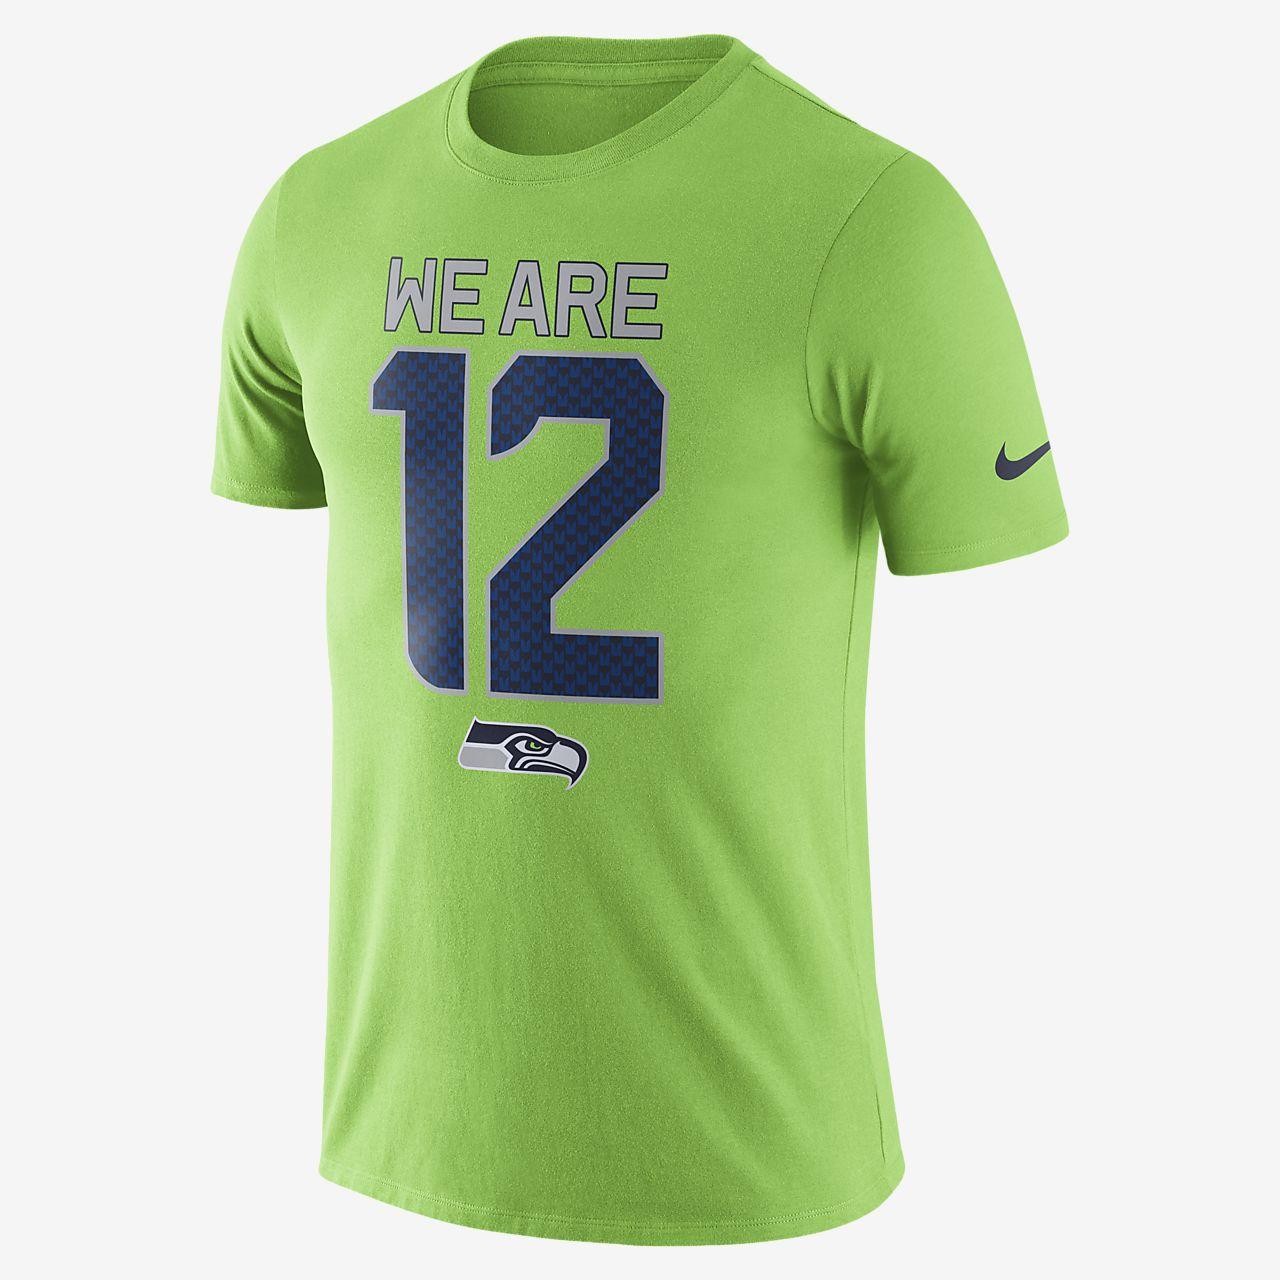 Nike Dri-FIT (NFL Seahawks) Big Kids' T-Shirt